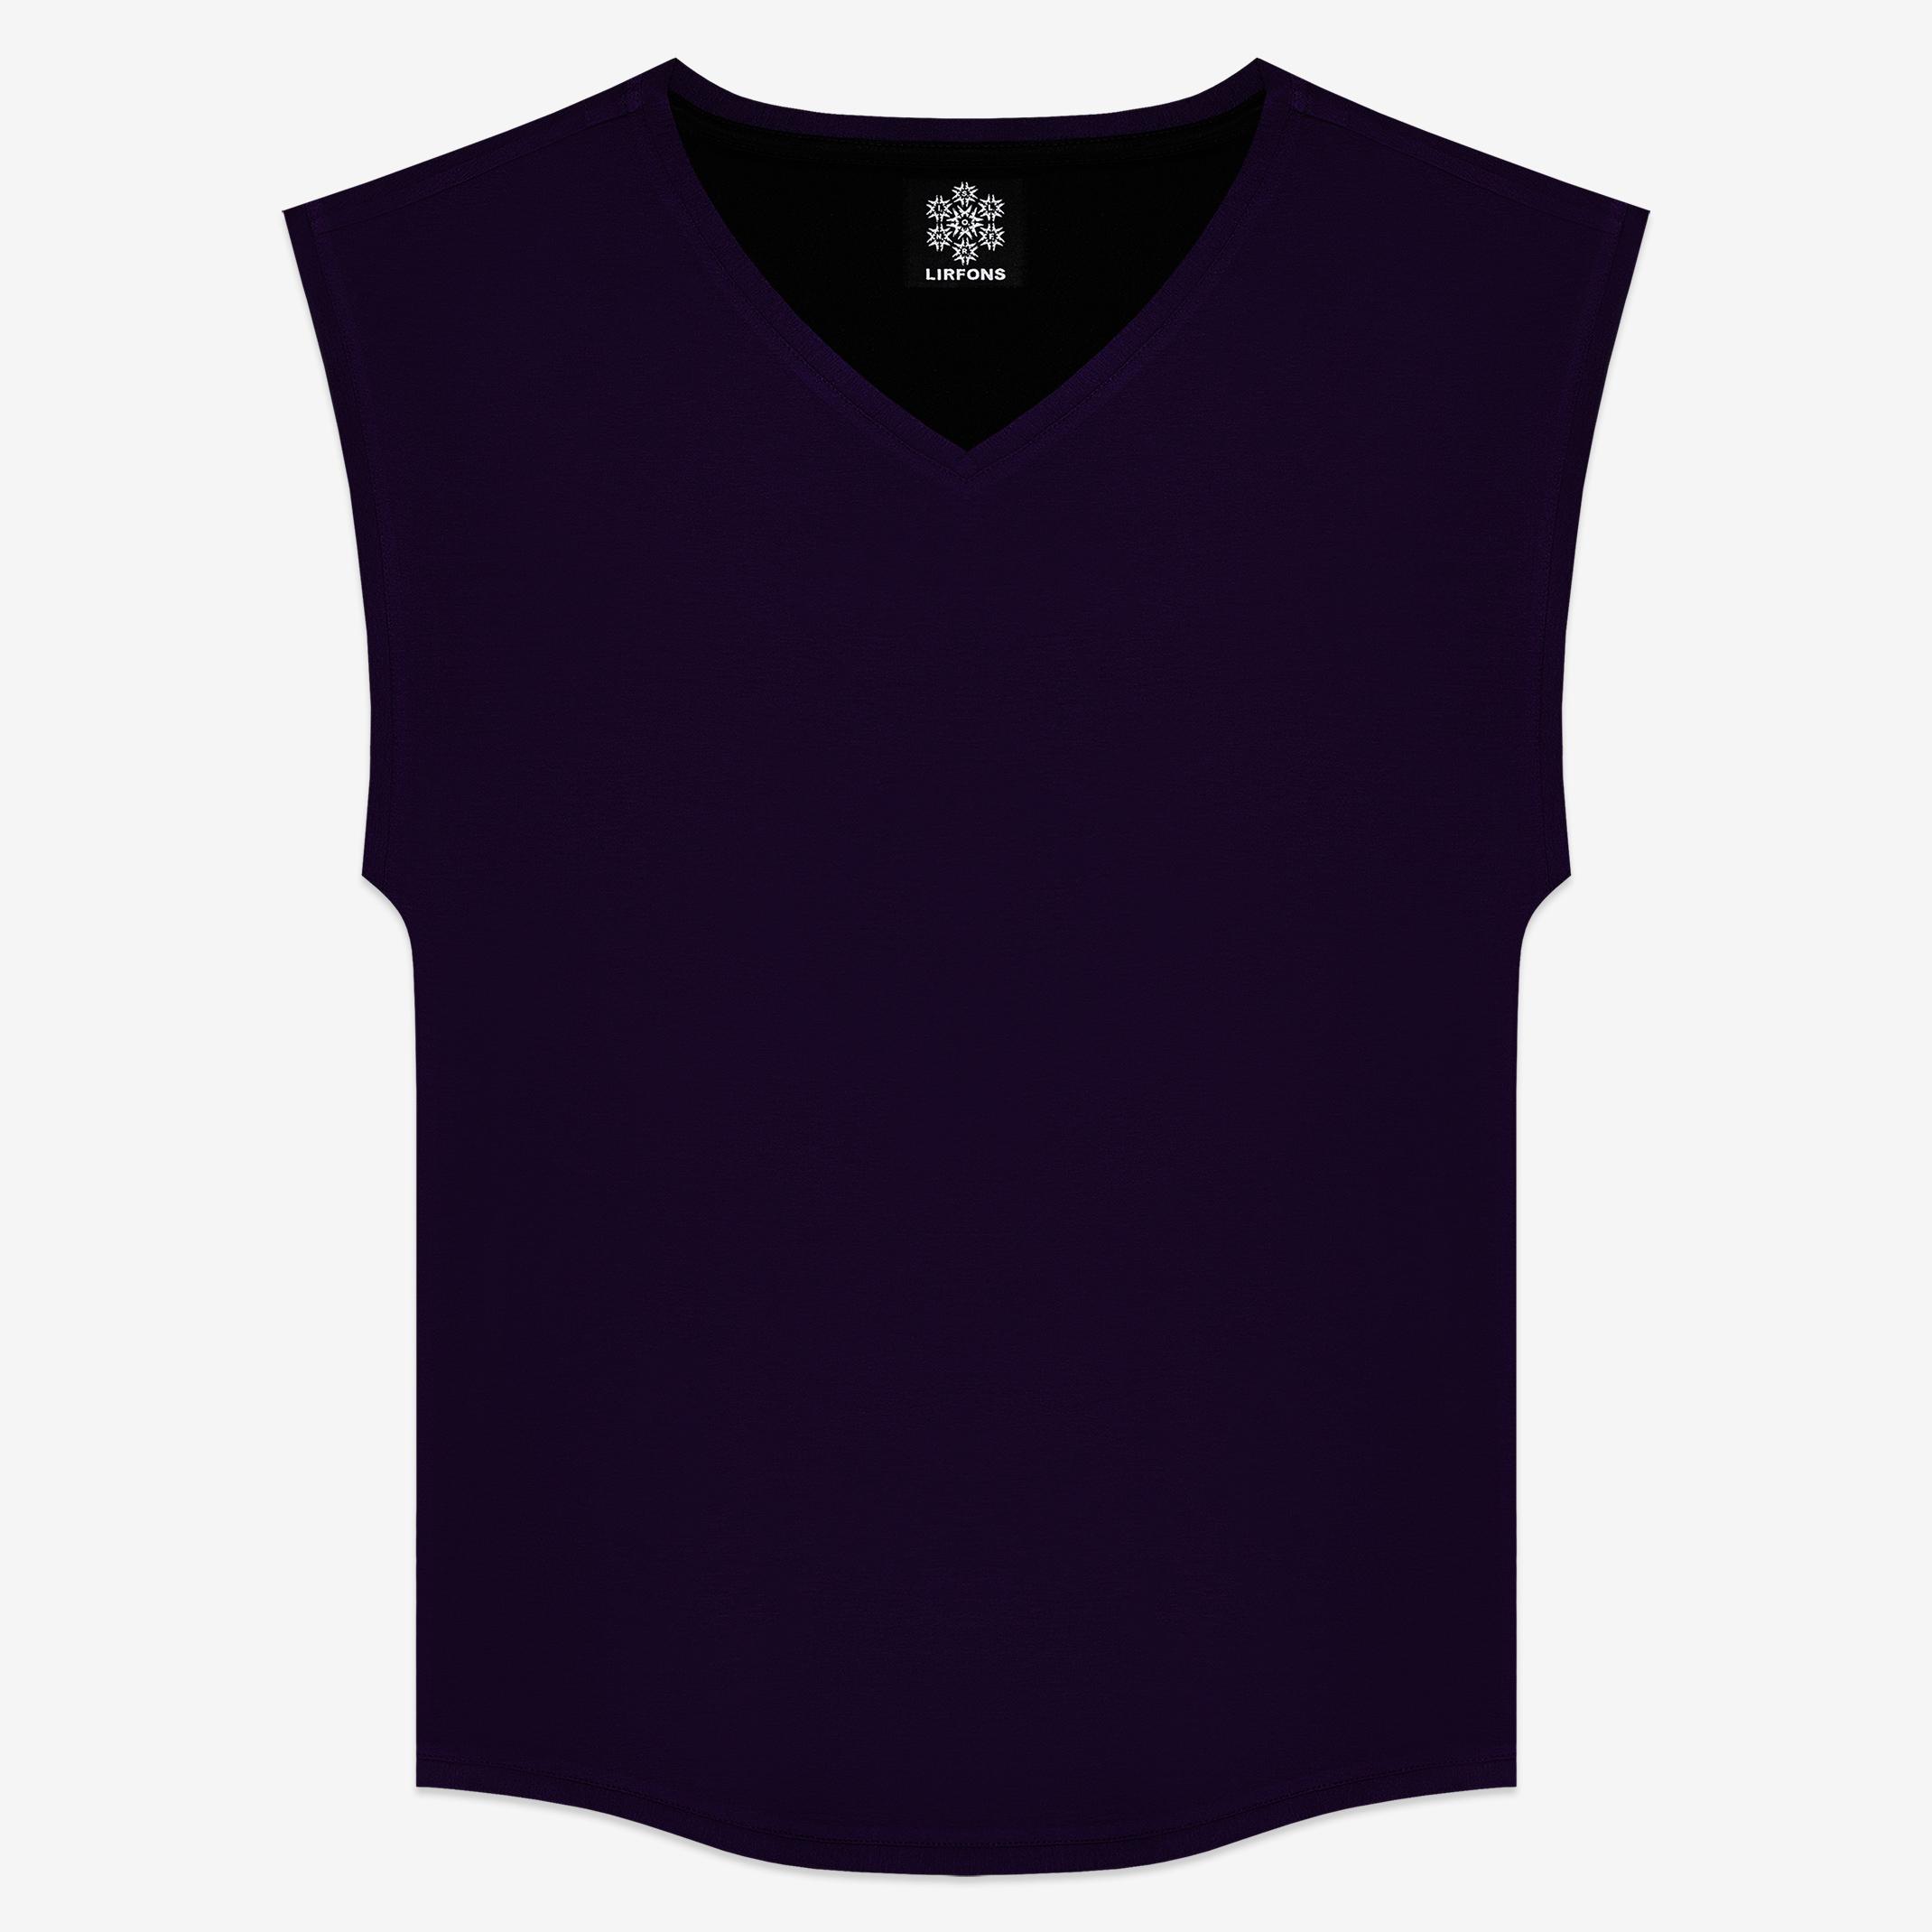 cobra / violet